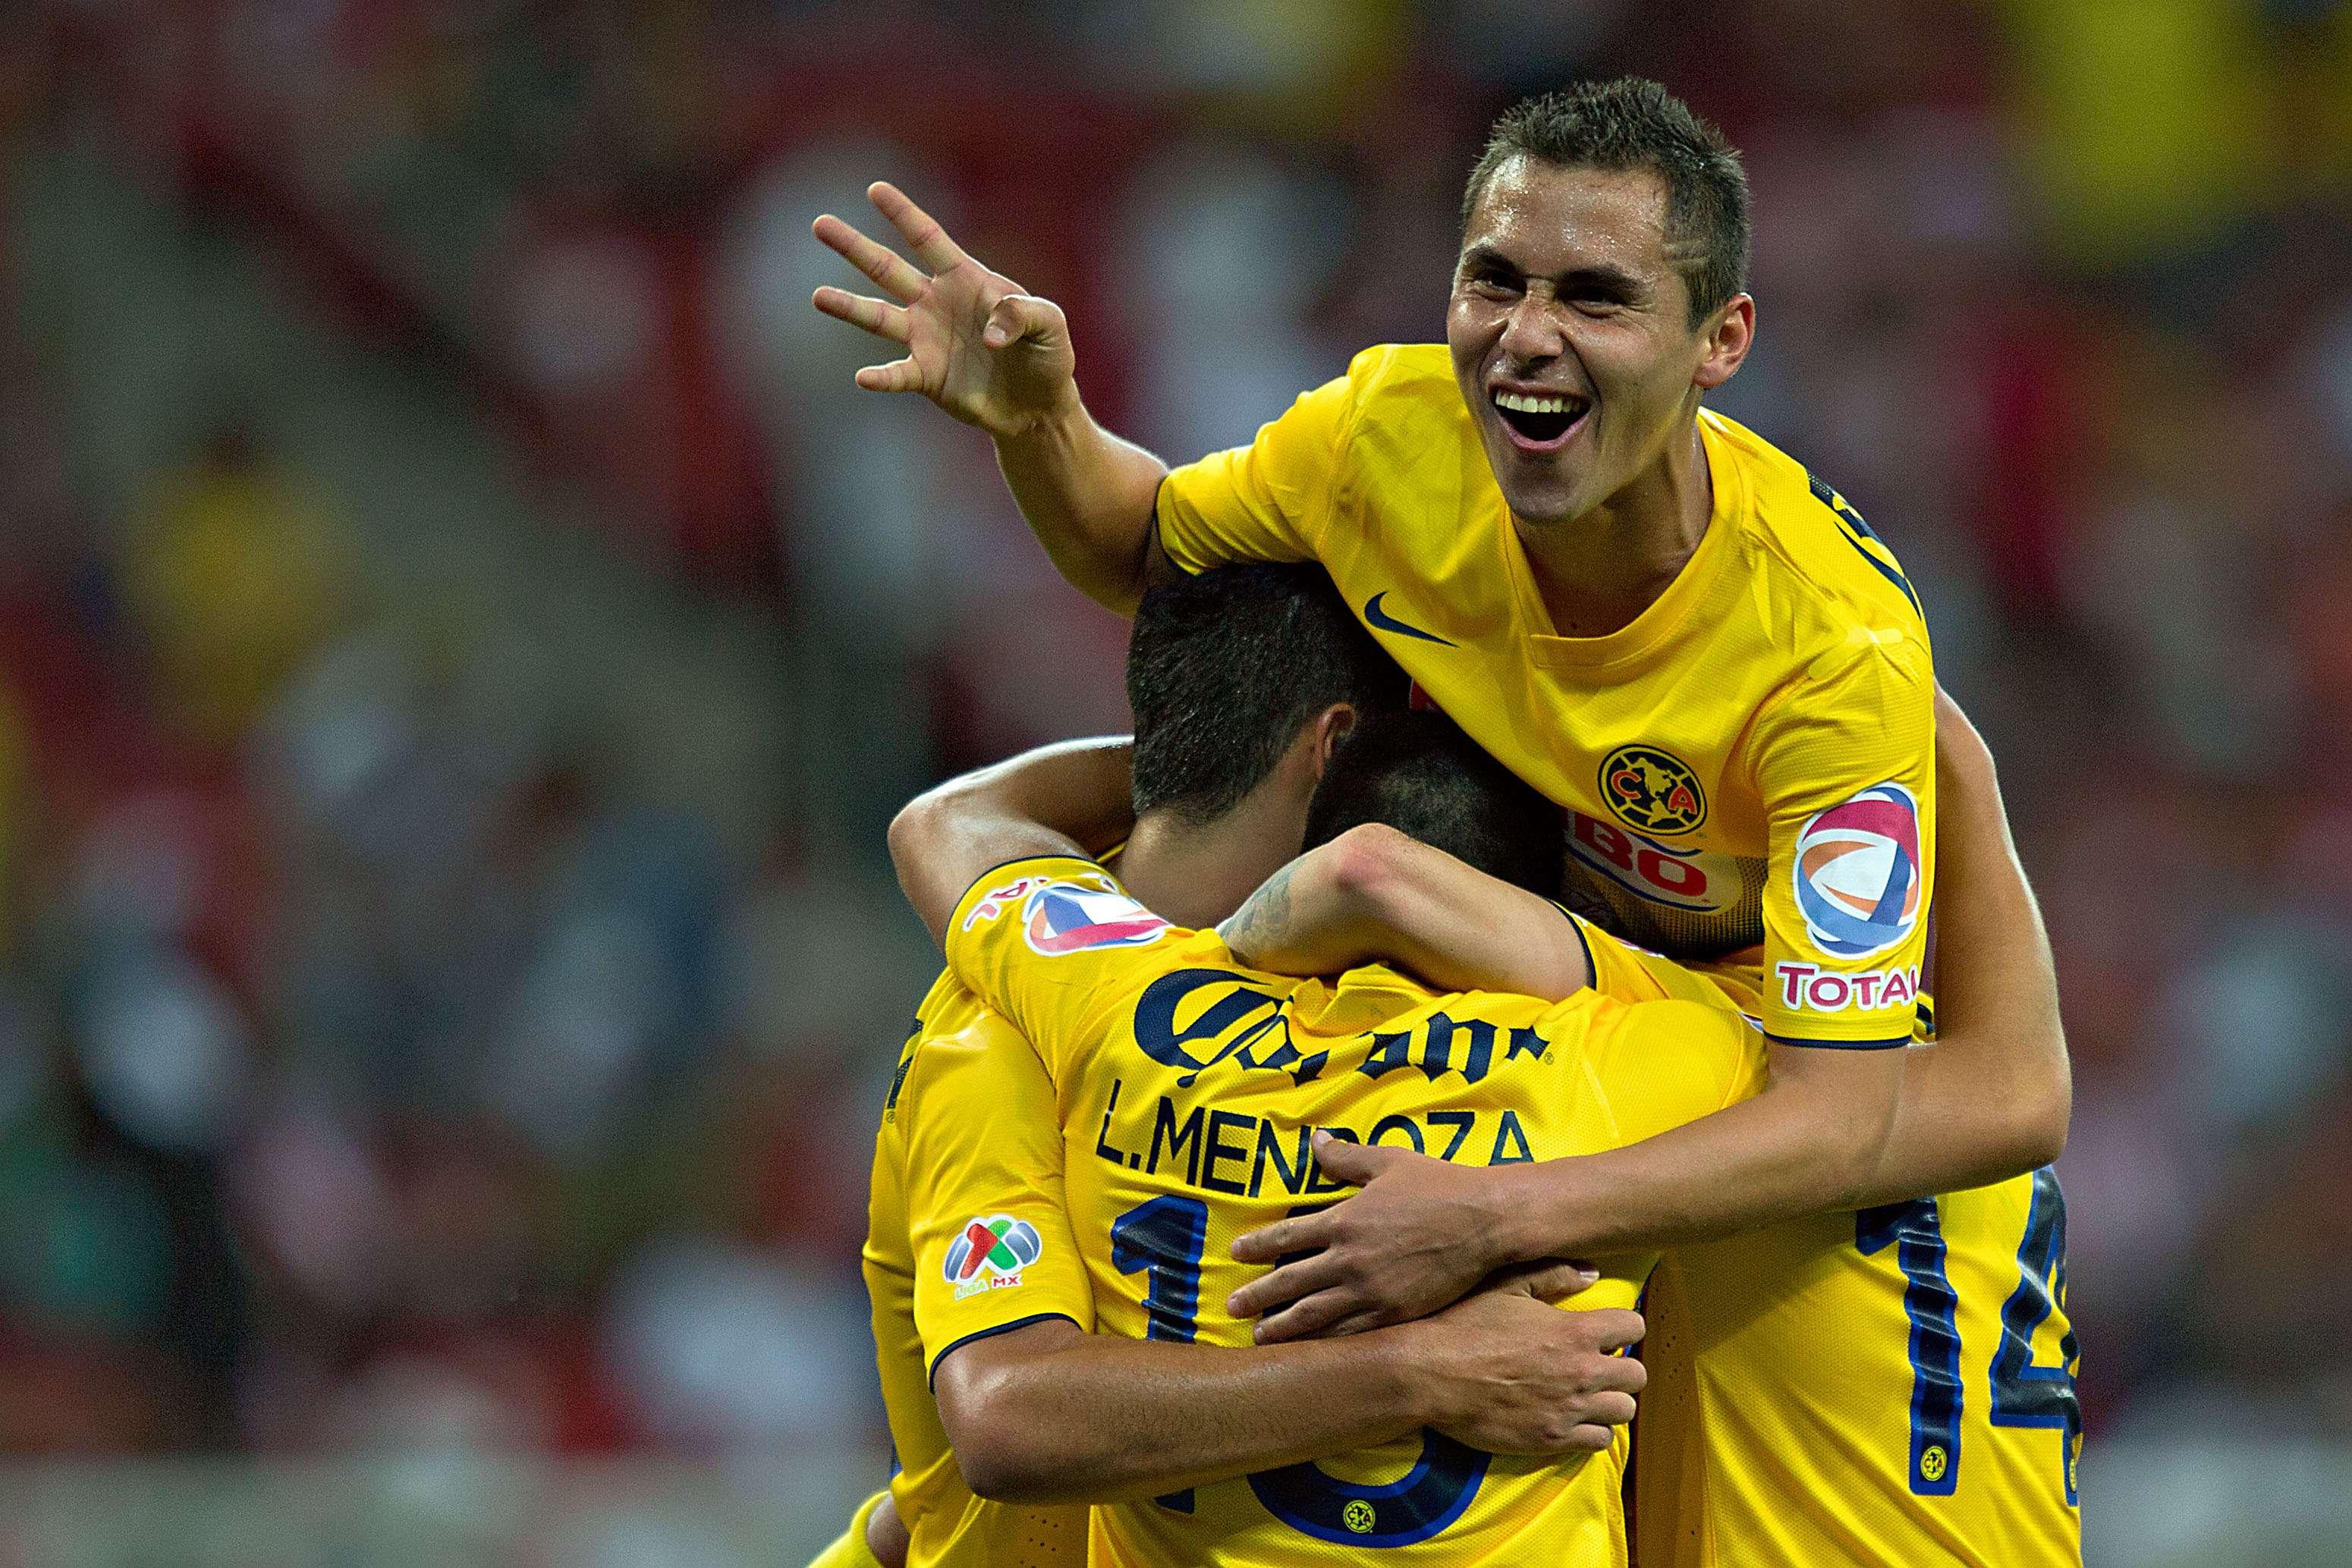 En el último Clásico (Clausura 2014), América goleó 4-0 a domicilio al Guadalajara. Foto: Imago 7